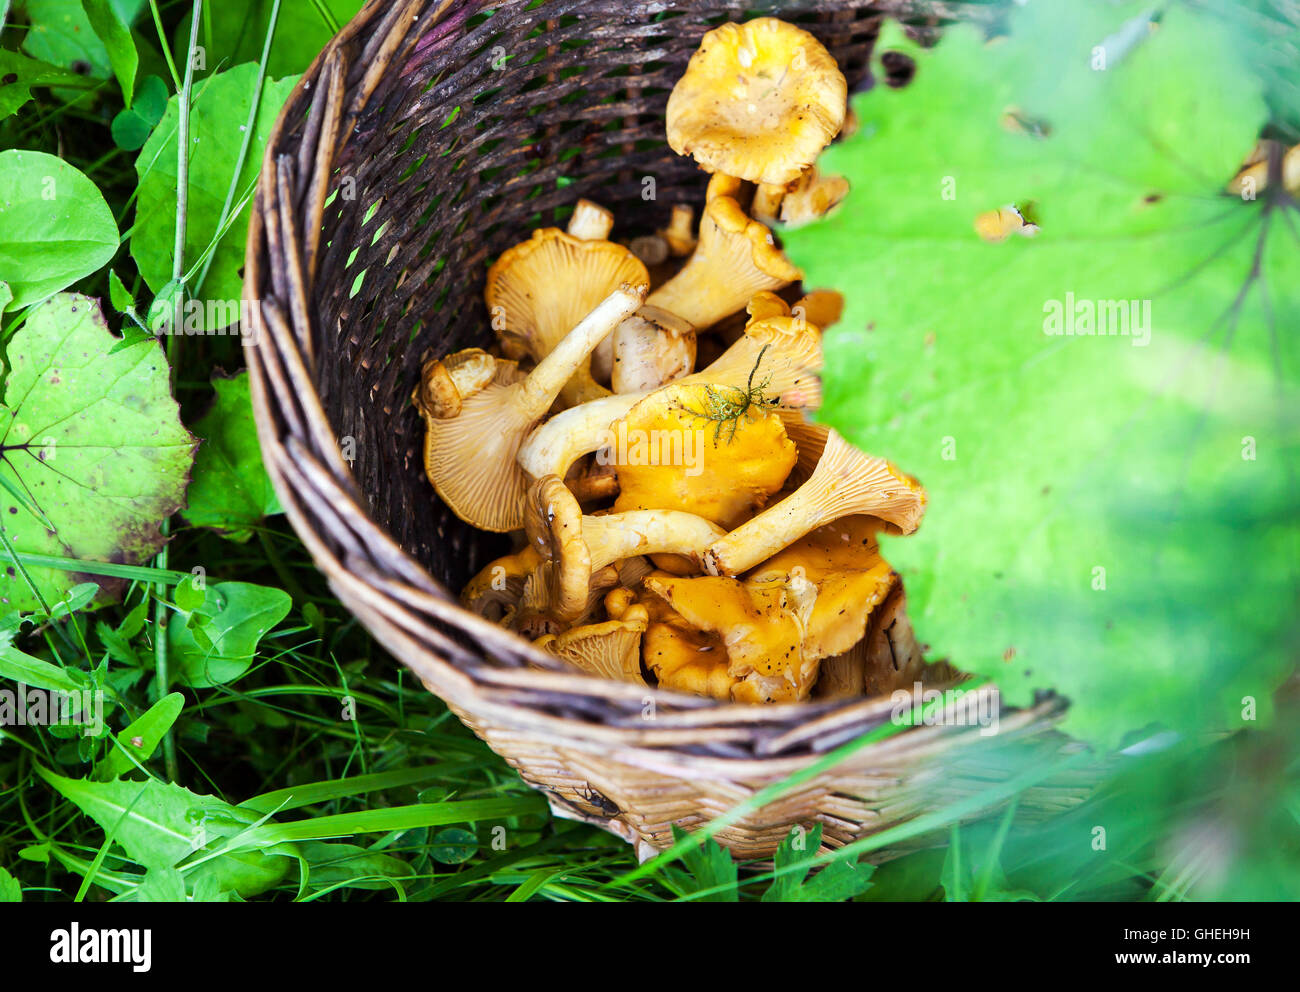 Korb mit frisch geernteten Pfifferlinge Pilze auf dem Rasen im Wald Stockbild